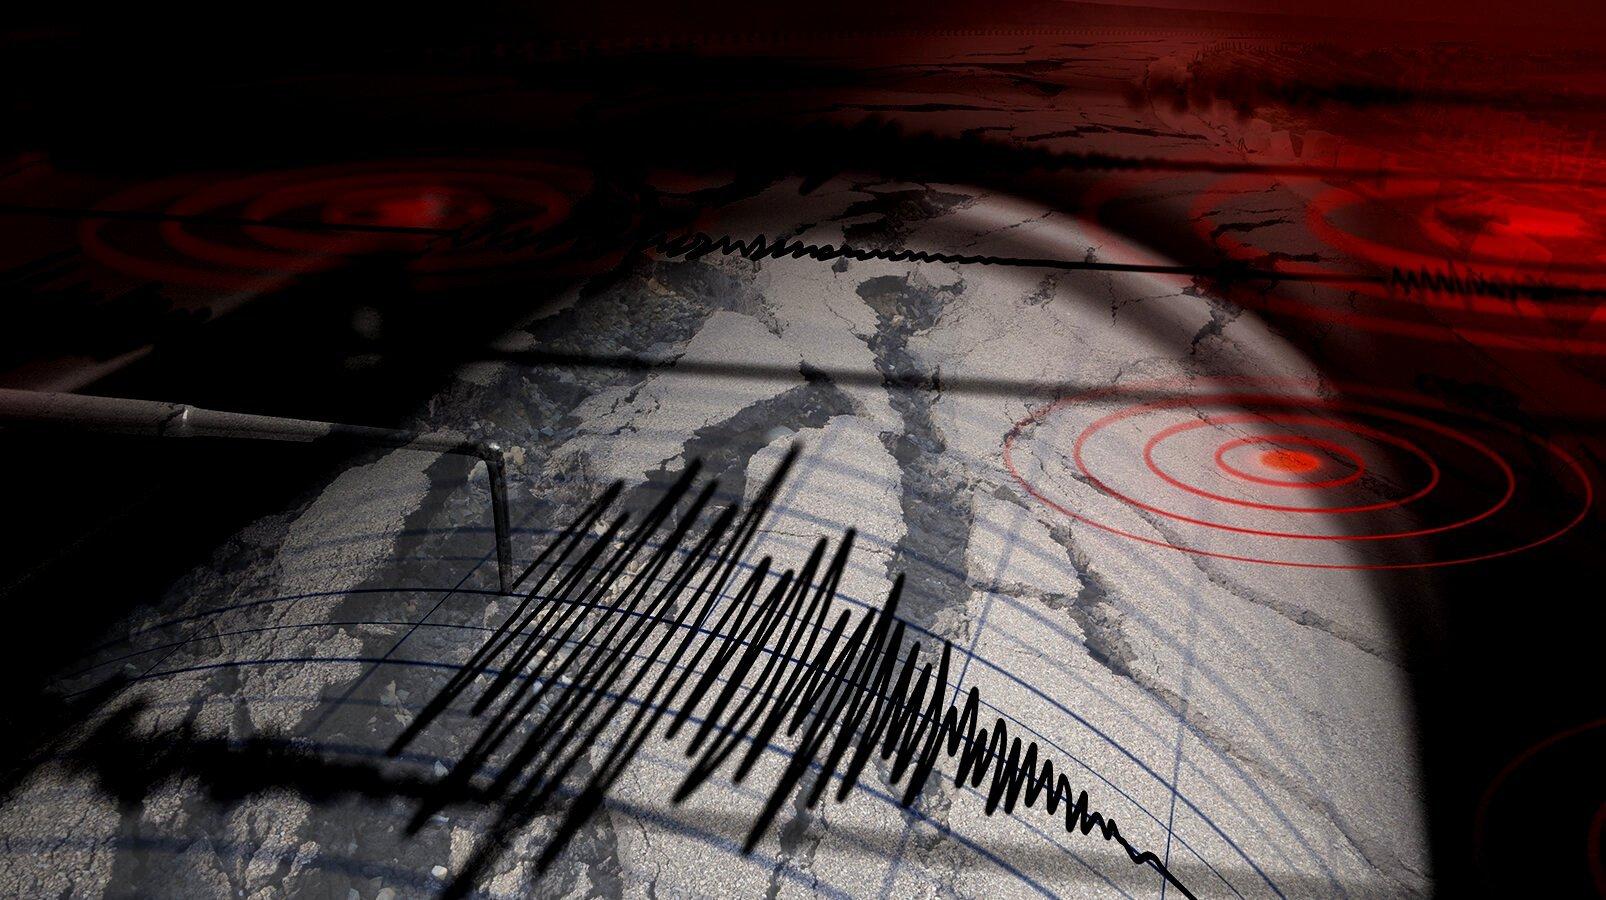 Kartal'daki depremin yankıları sürüyor! Prof. Dr. Şükrü Ersoy açıkladı: 50 bin bina çökebilir!